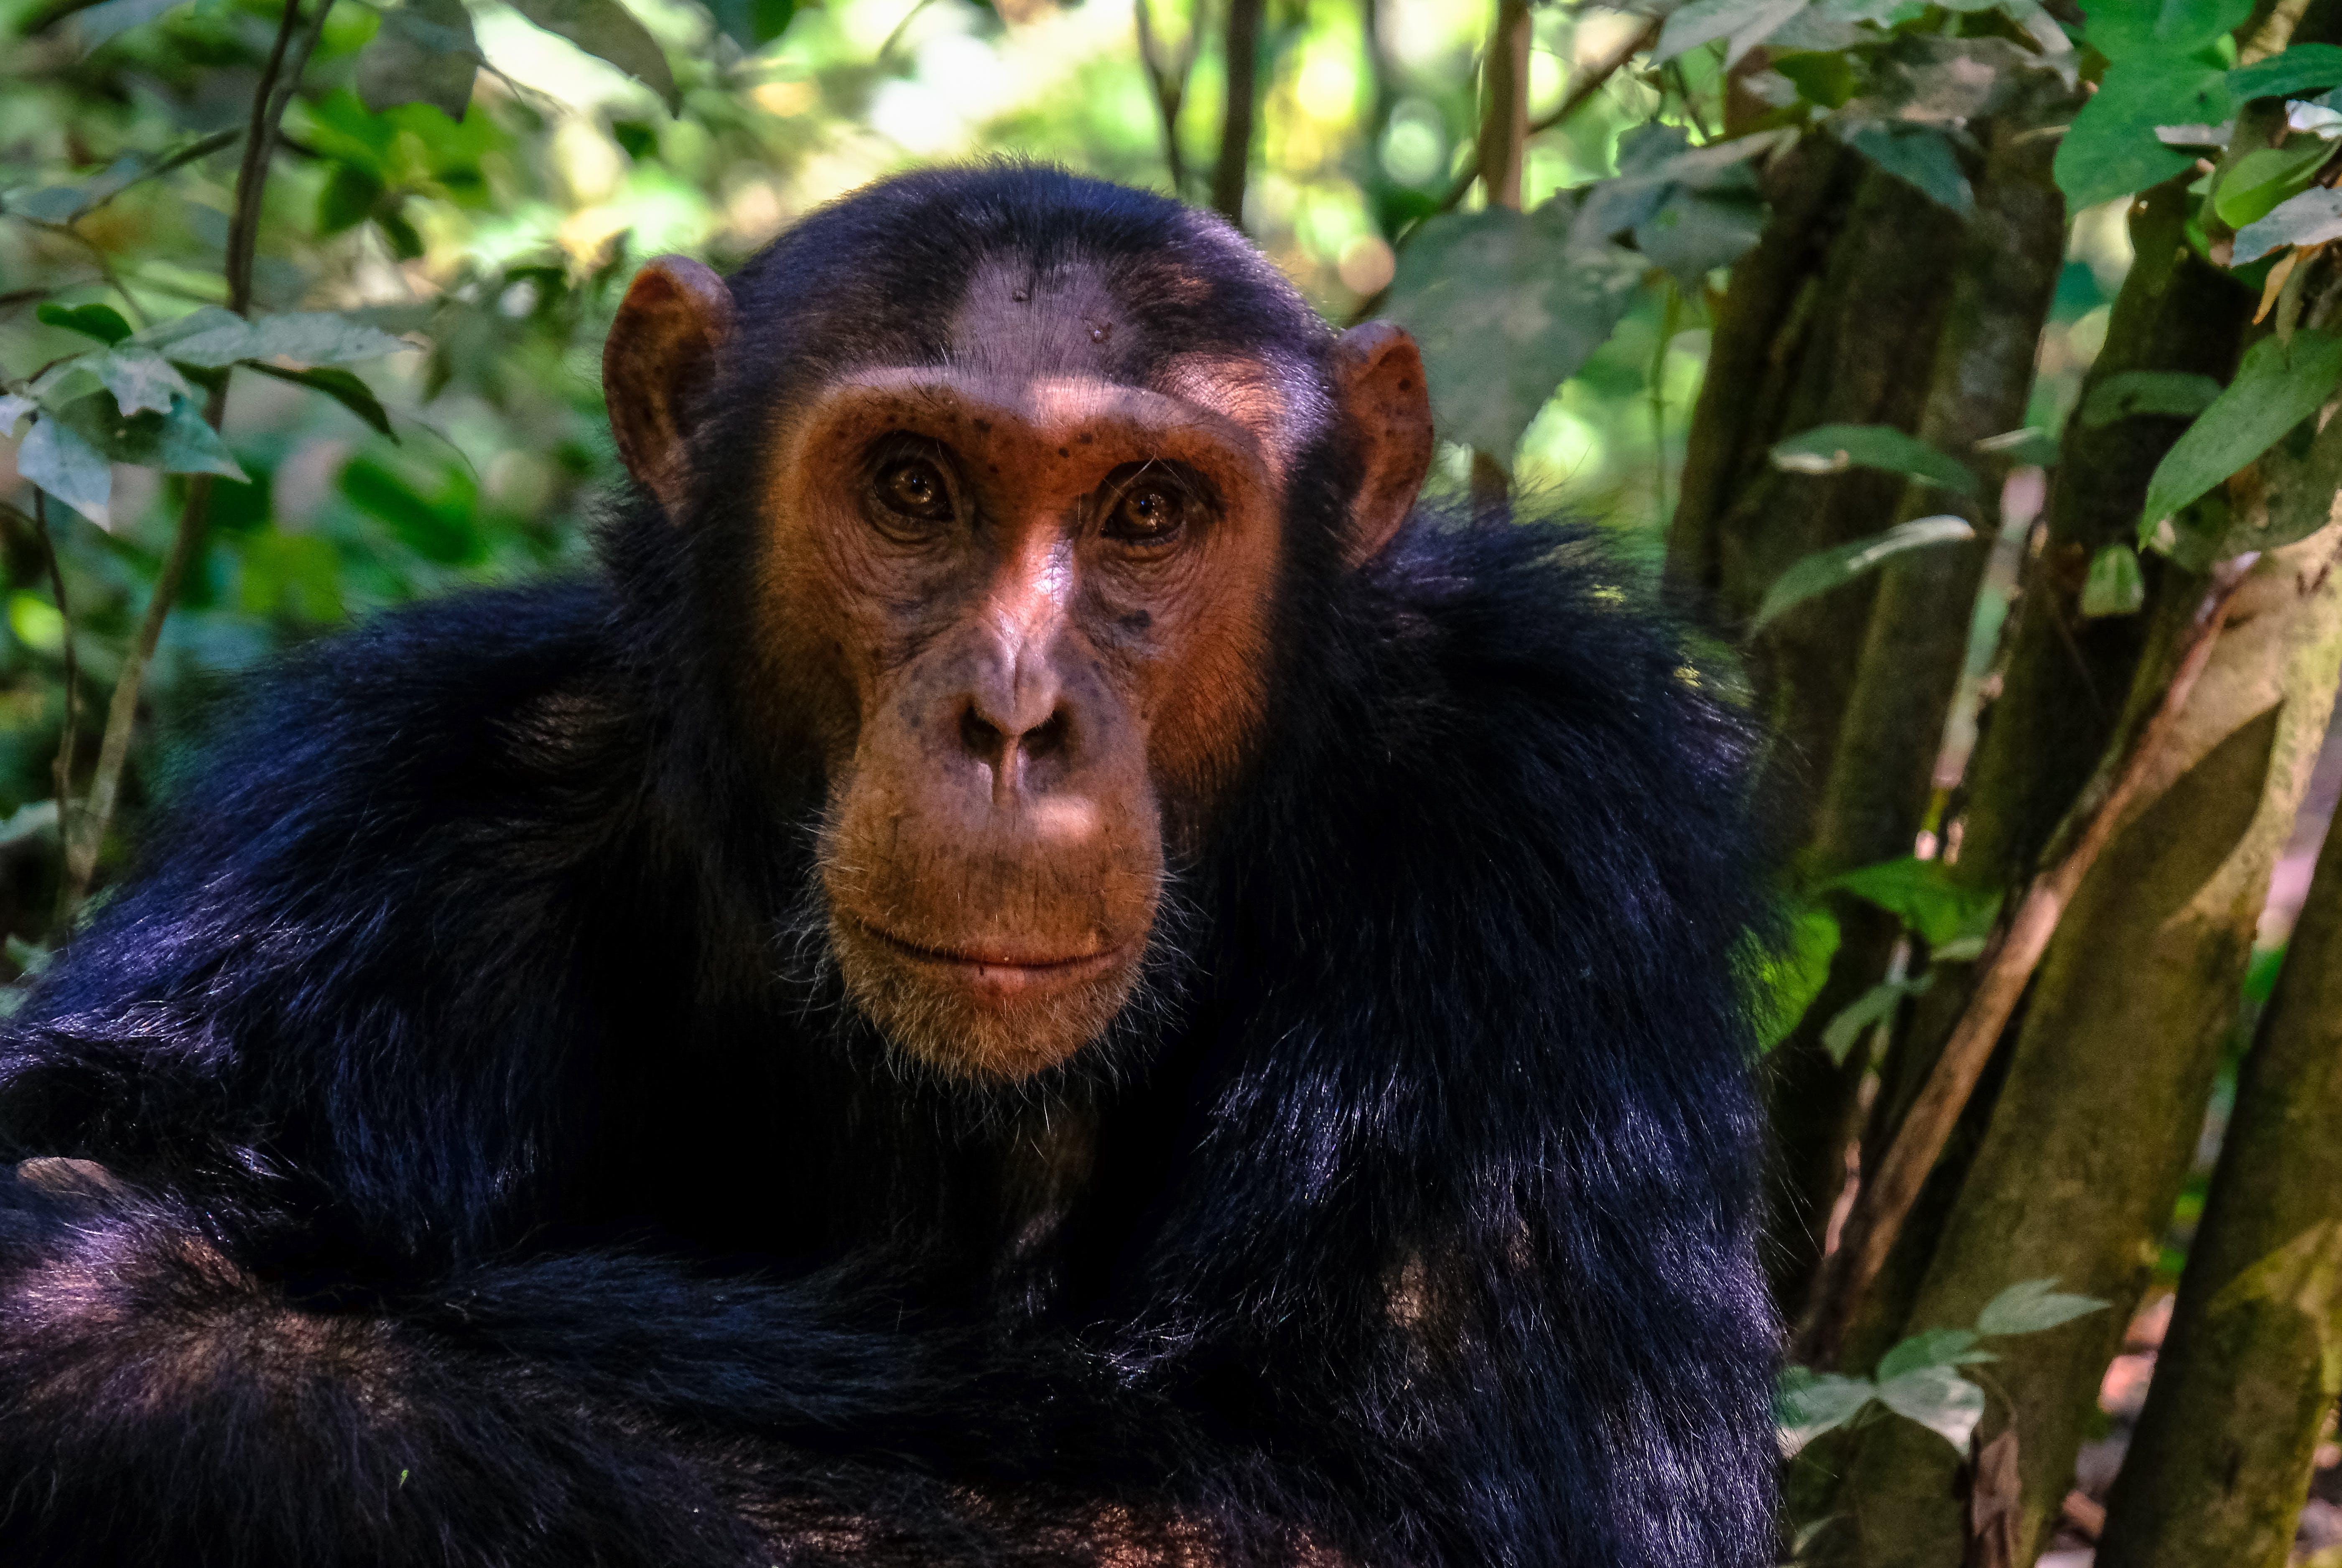 Δωρεάν στοκ φωτογραφιών με άγρια φύση, άγριο ζώο, δέντρο, ζώο